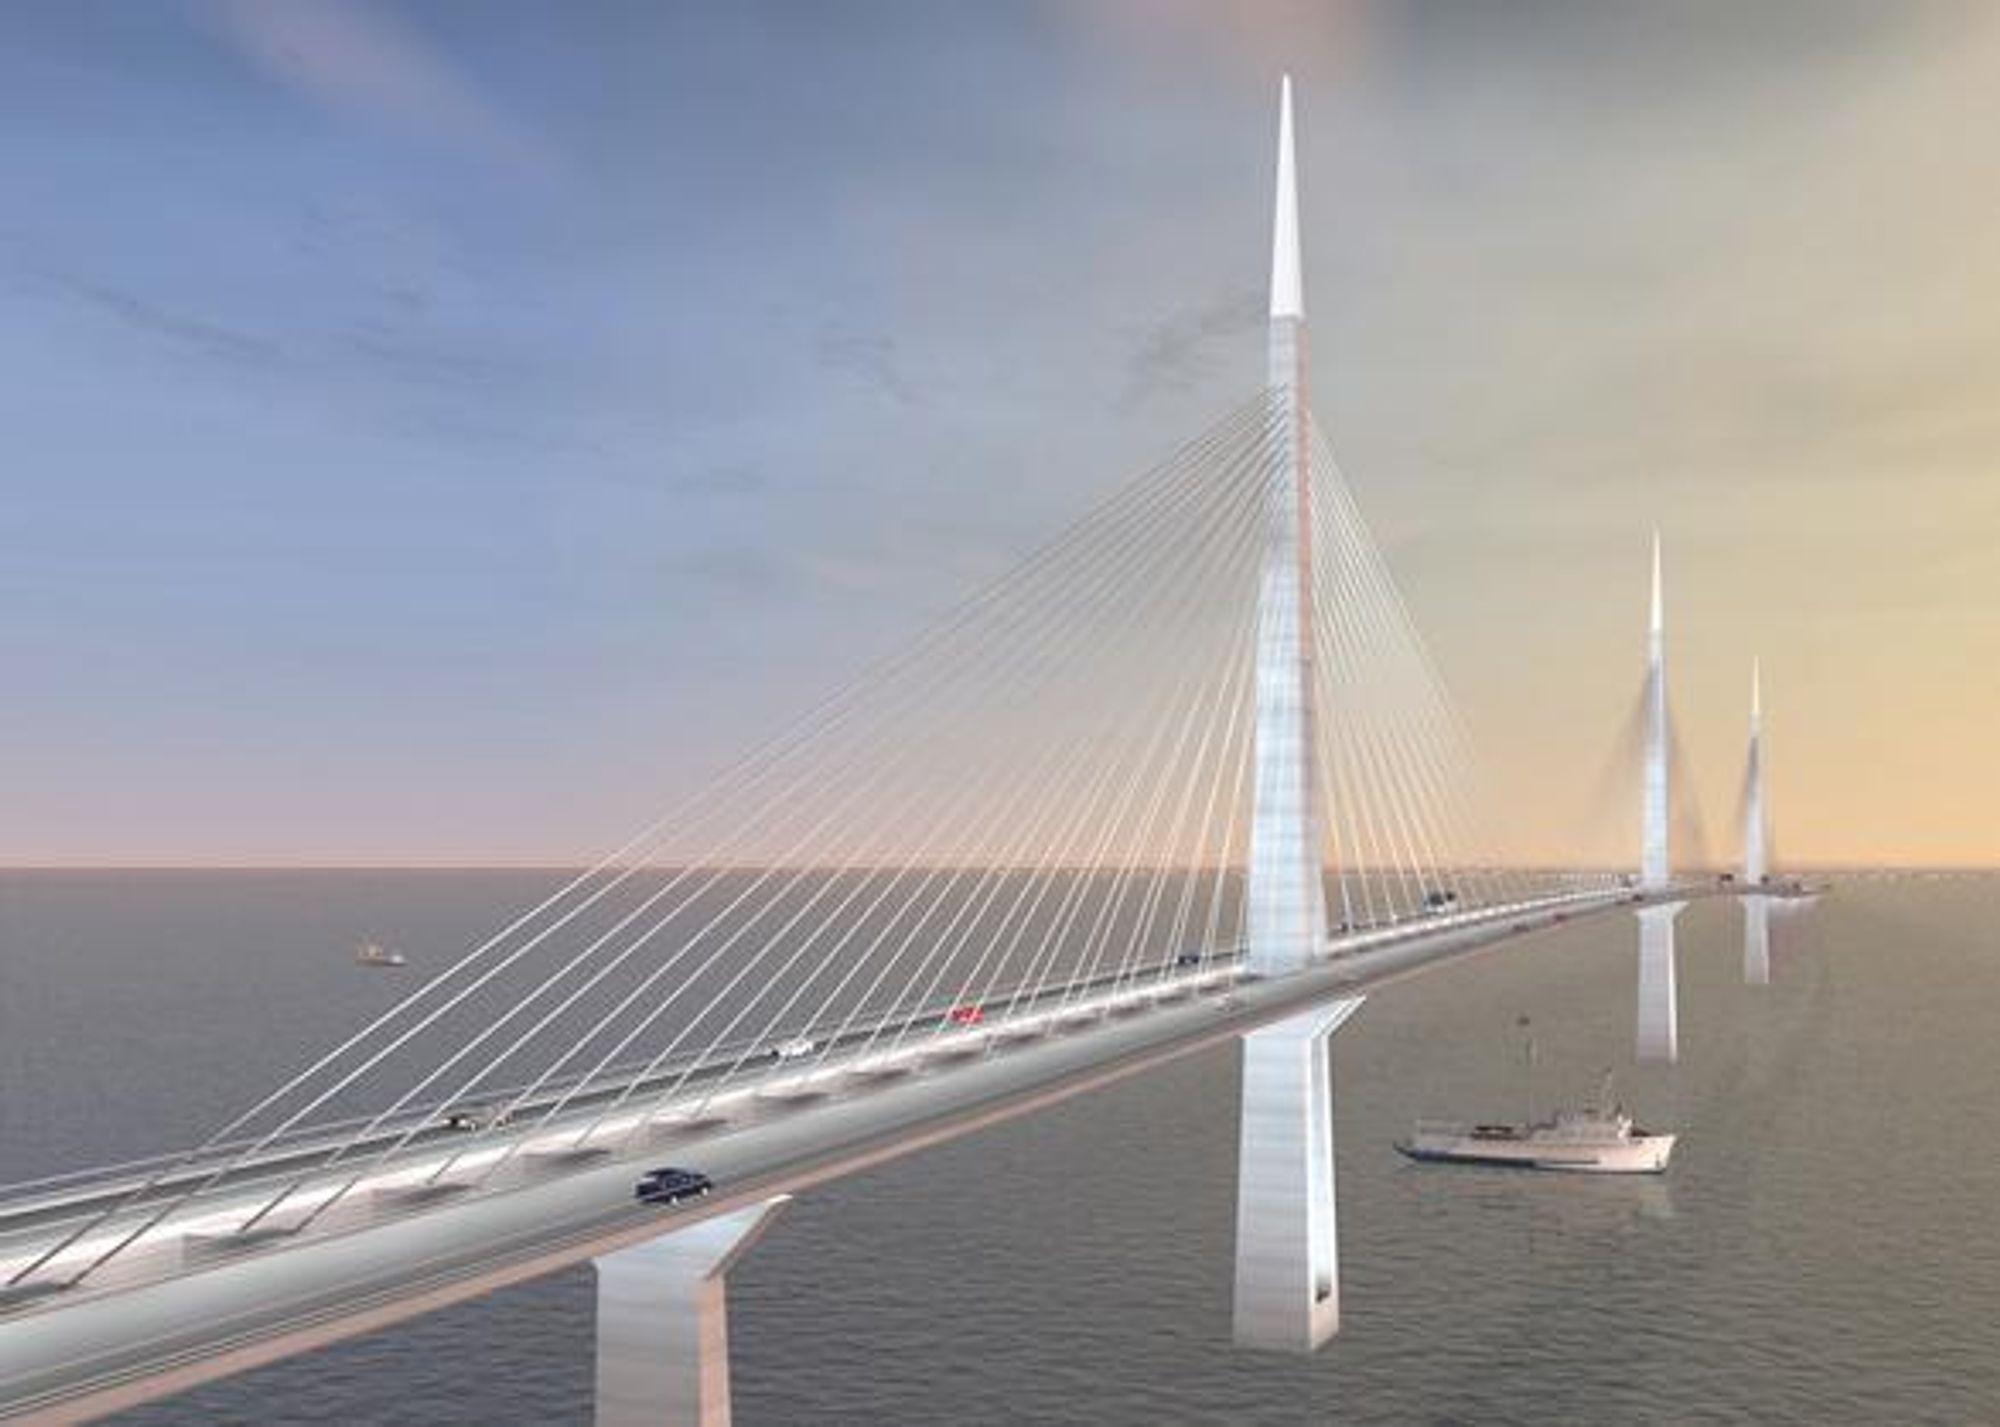 """LITE VENNLIG: """"Qatar - Bahrain friendship bridge"""", kalles den, men det er langt fra et vennskapelig forhold mellom de to landene. Det forsinker nå hele prosjektet."""